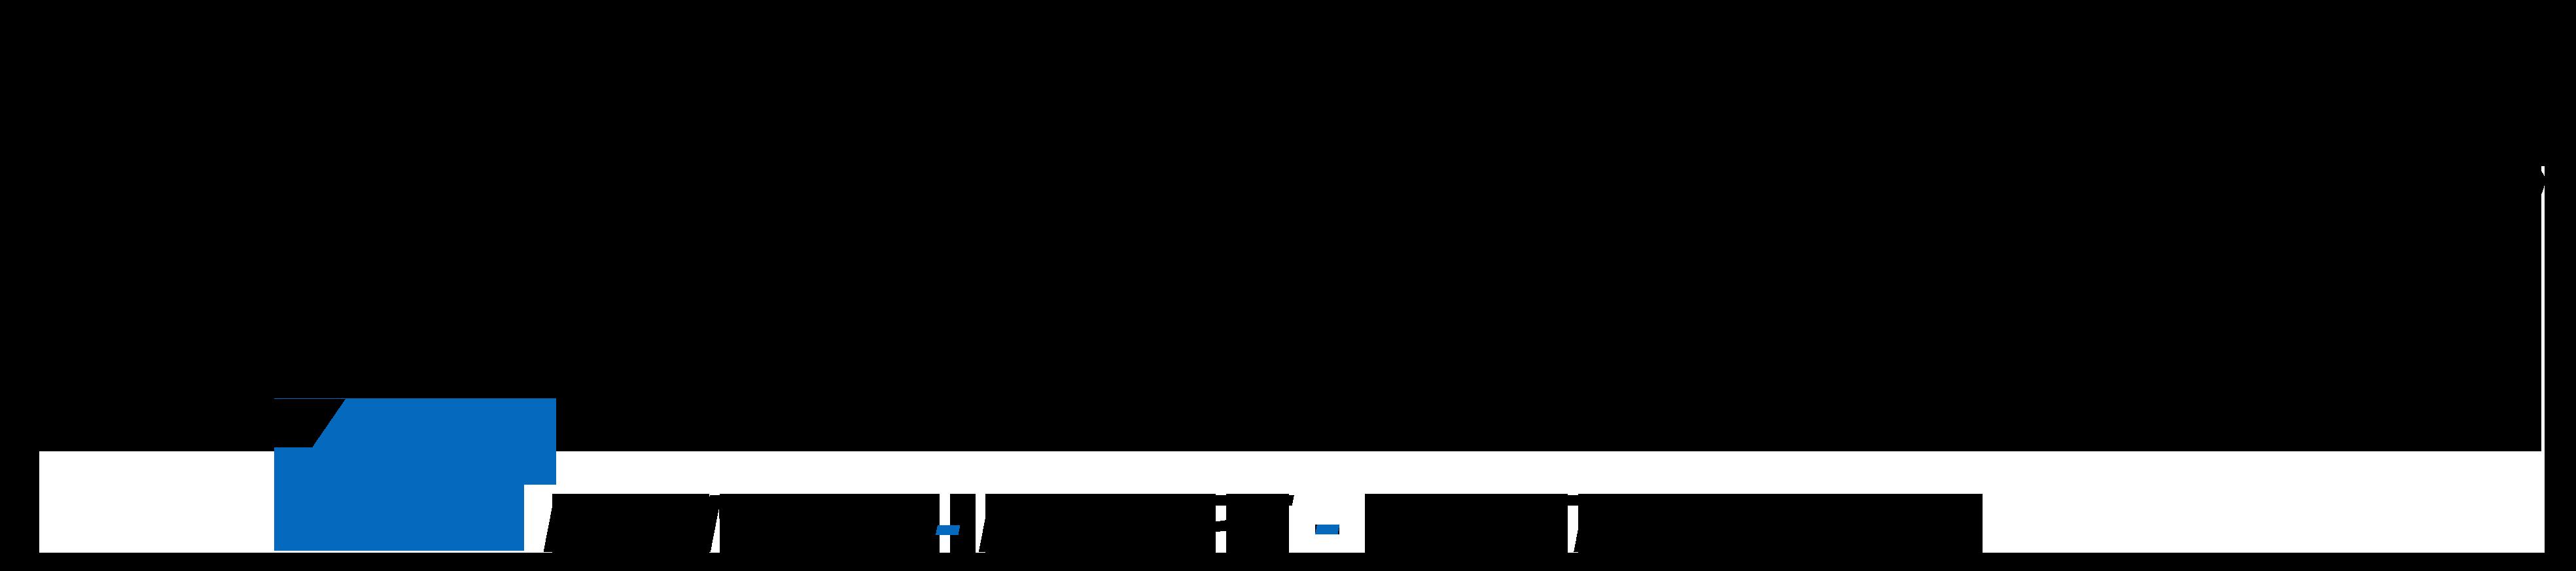 Oxygen - Bermudas Premier IT Provider